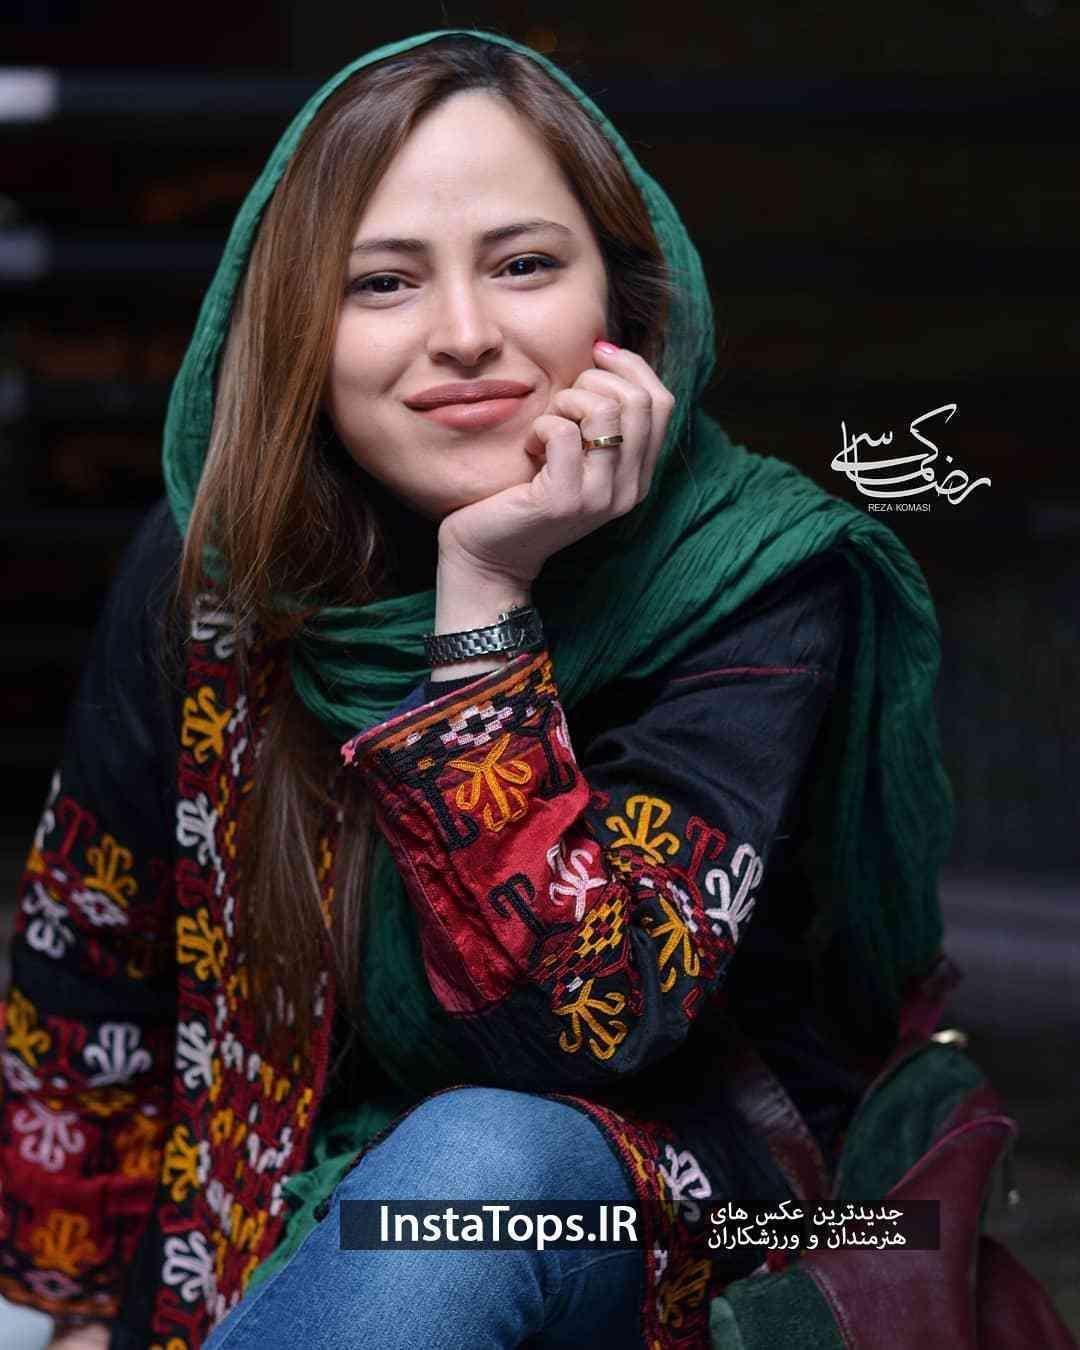 عکس جدید شیرین اسماعیلی در جشنواره دانلود فیلم دانلود سریال عکس جدید بازیگران زن ایرانی عکس بازیگر مرد عکس بازیگران Iranian Beauty Iranian Girl Persian Girls